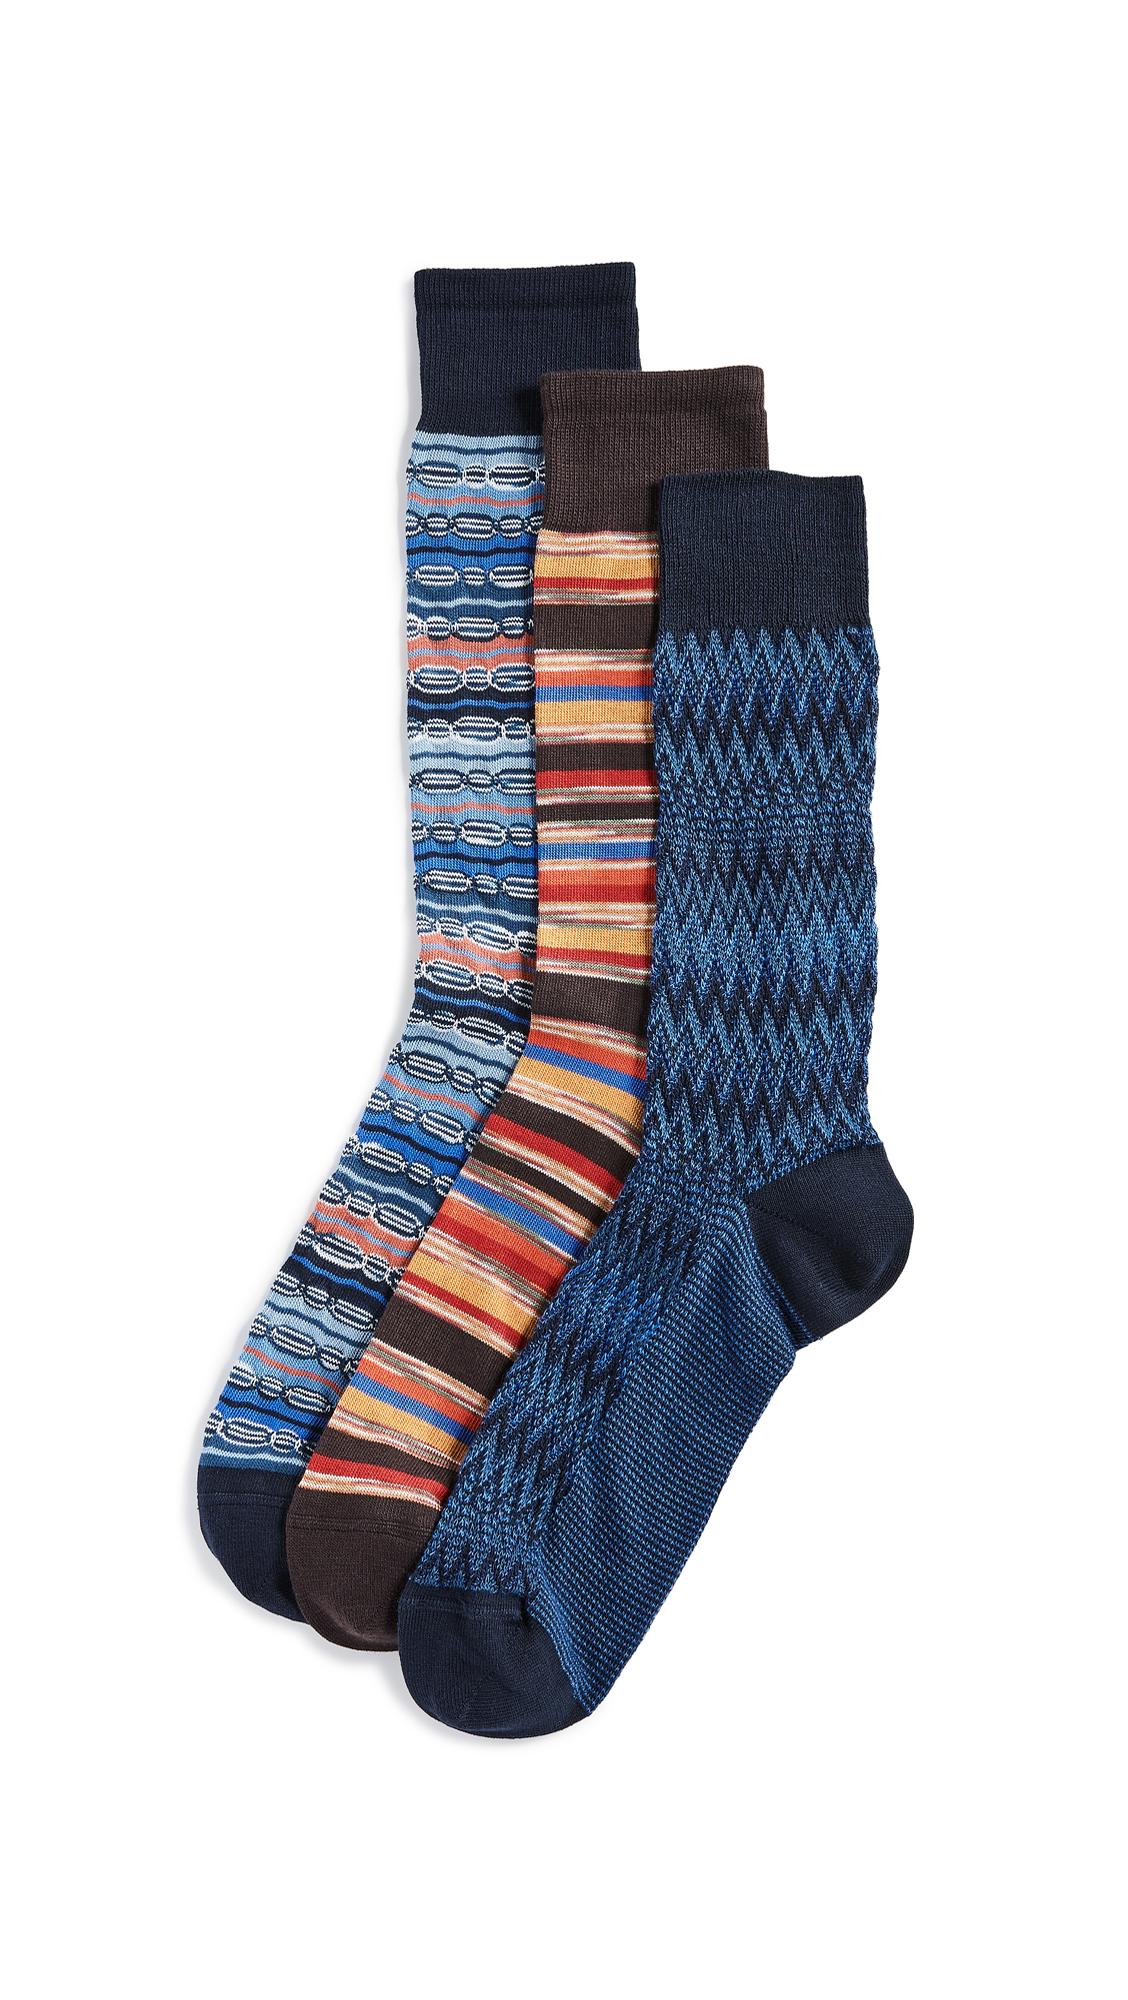 Missoni Trio Socks Gift Box - Blue/Red Multi